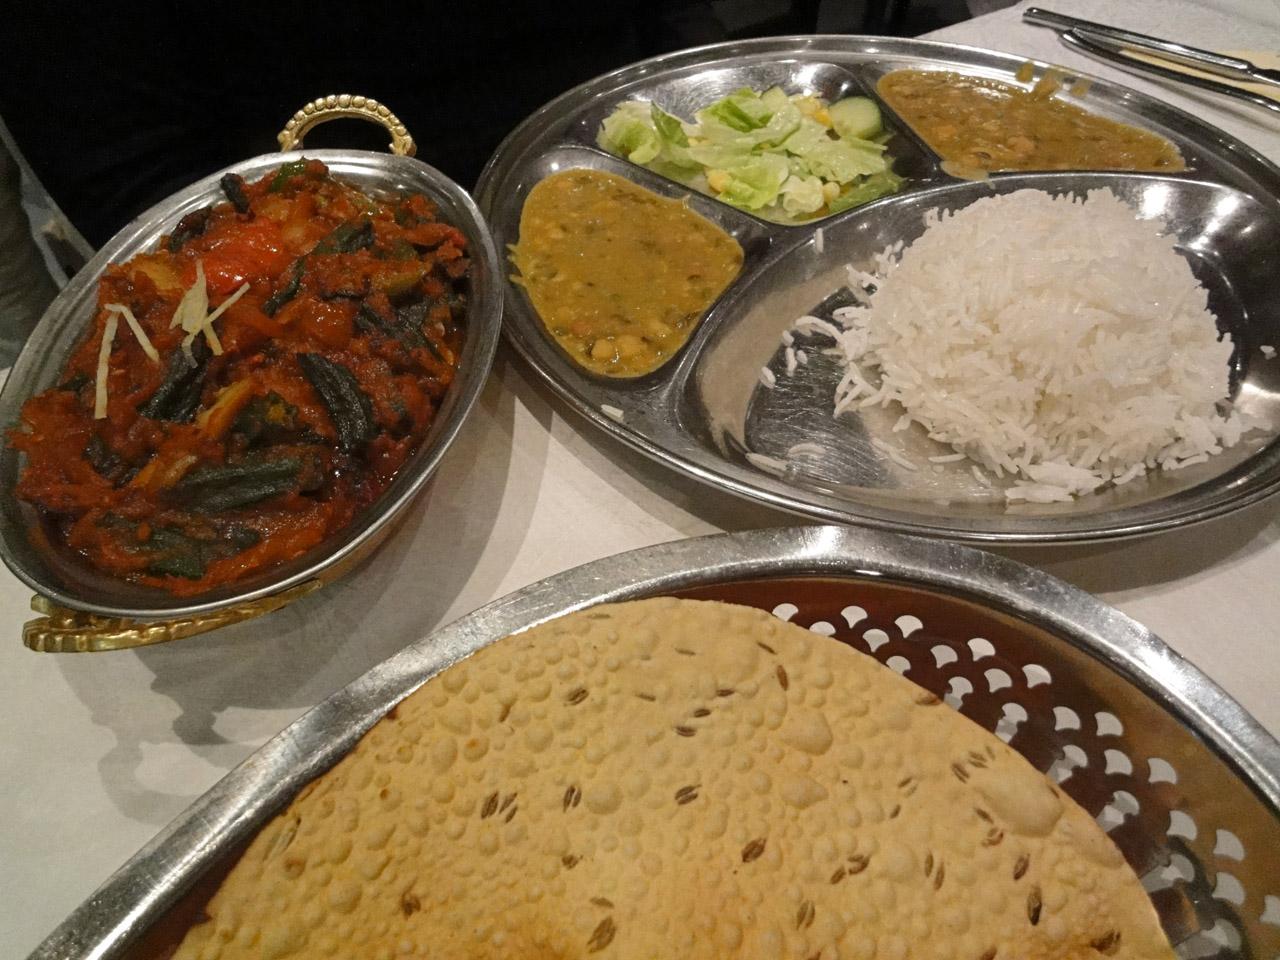 Yeti-Nepal, Helsinki: Bhindi masala